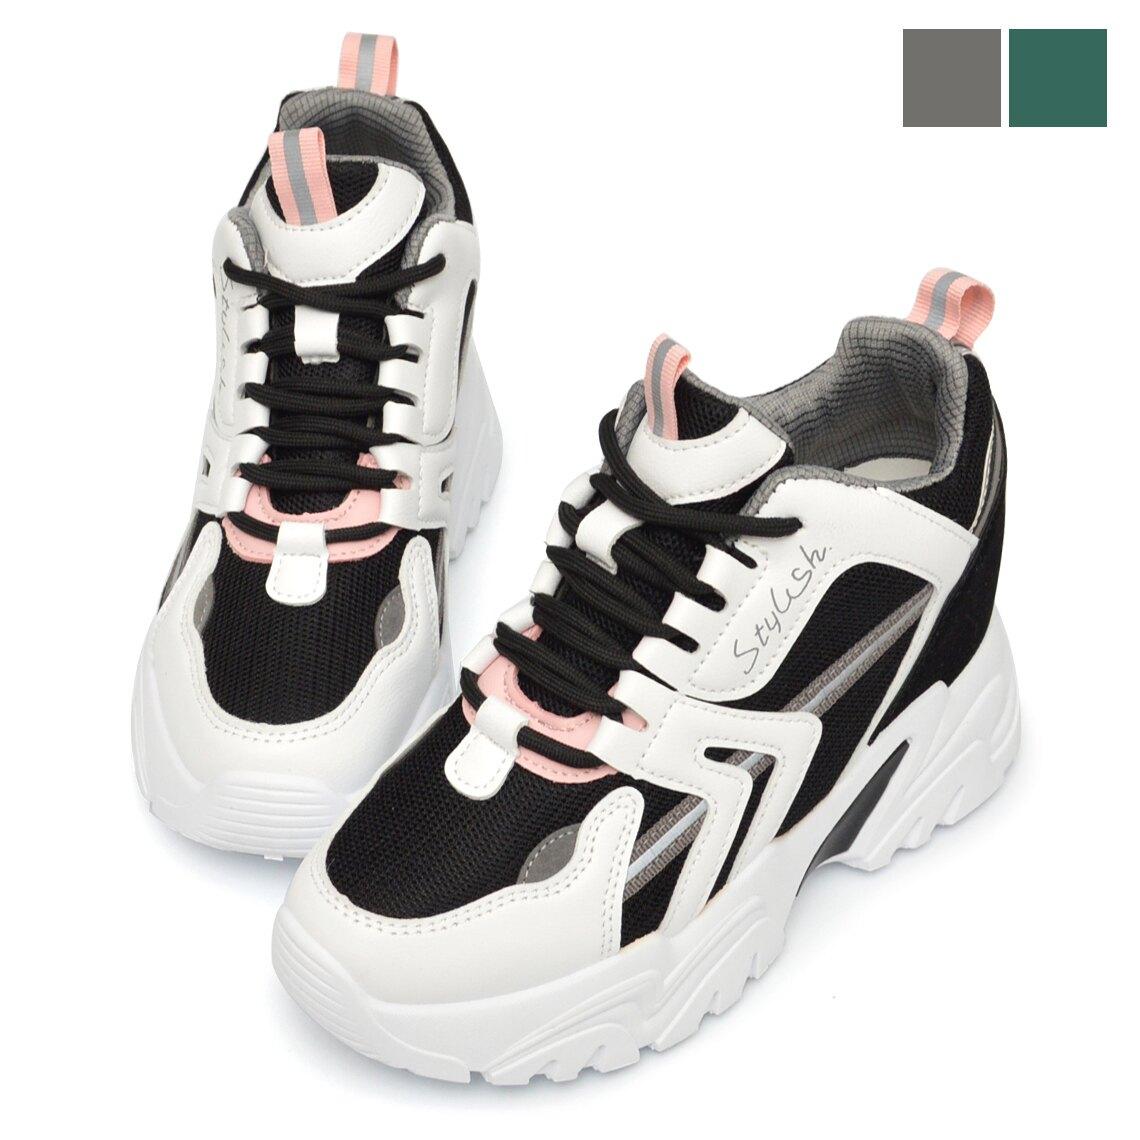 厚底鞋 小隻女必備7.5CM增高休閒鞋-白灰